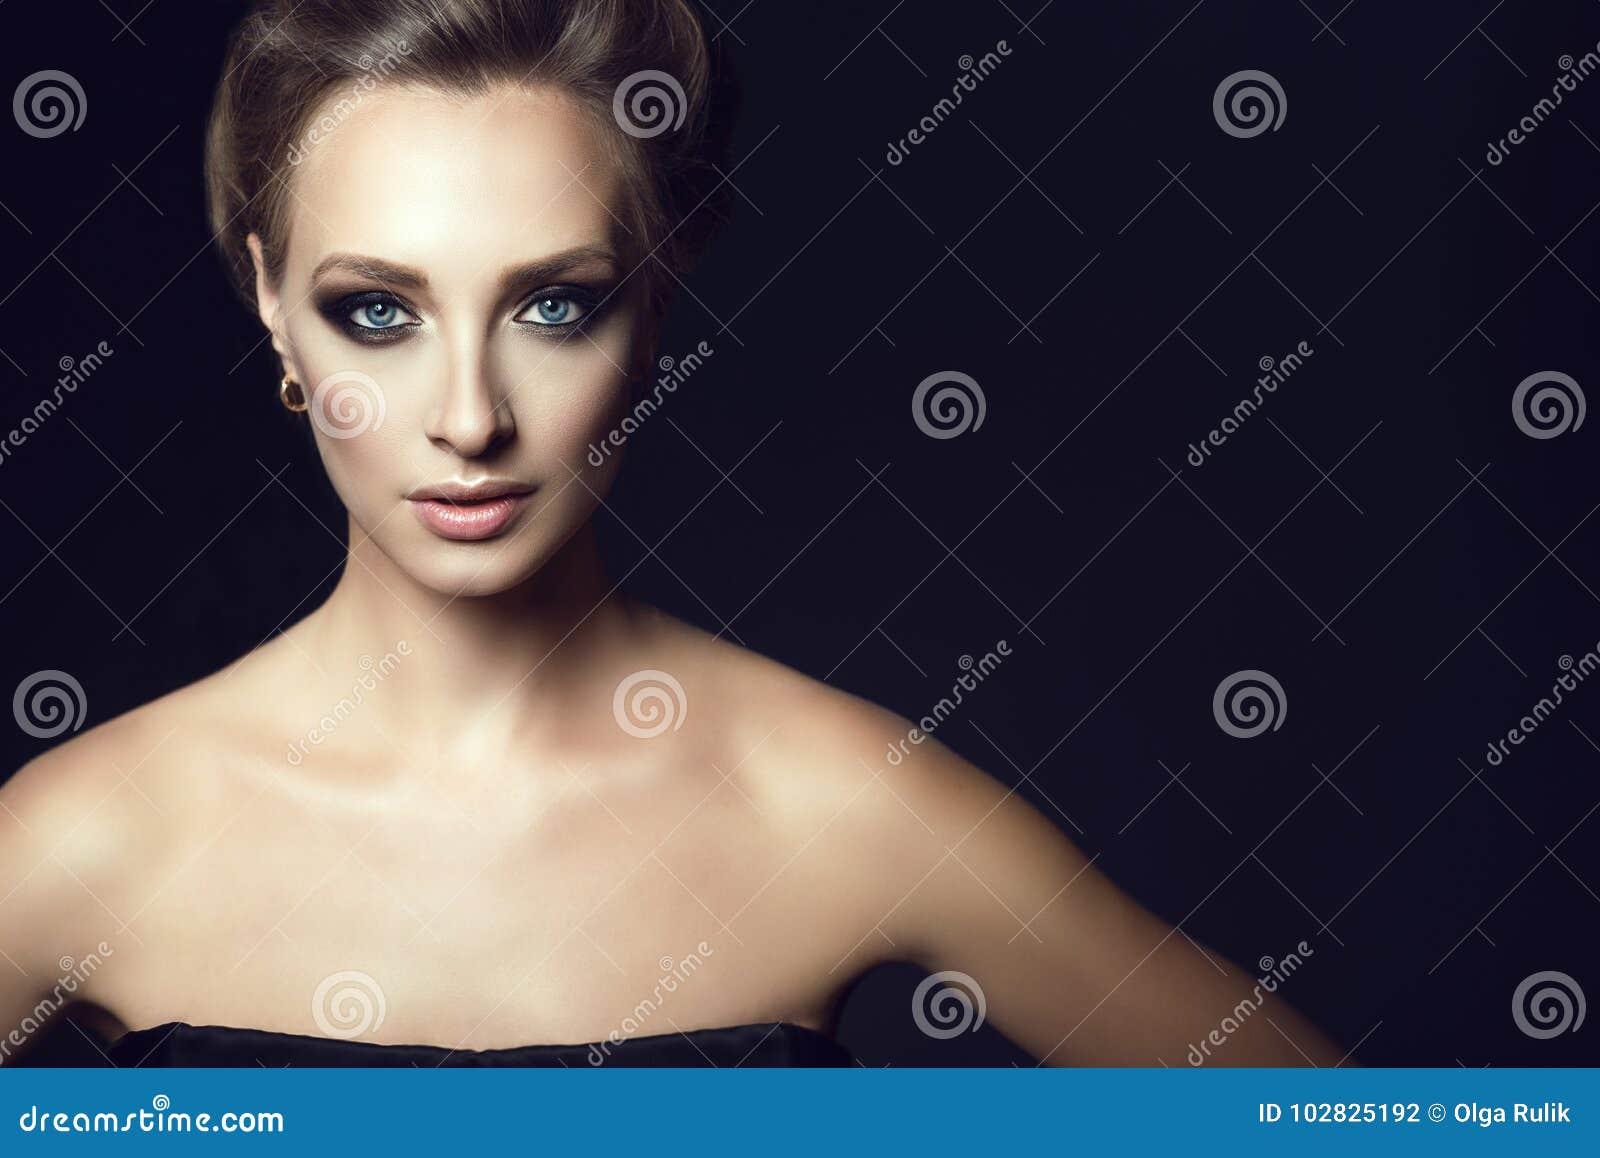 Κλείστε επάνω το πορτρέτο της νέας πανέμορφης γυναίκας με την τρίχα updo και τελειοποιήστε αποτελεί να φανεί ευθύς